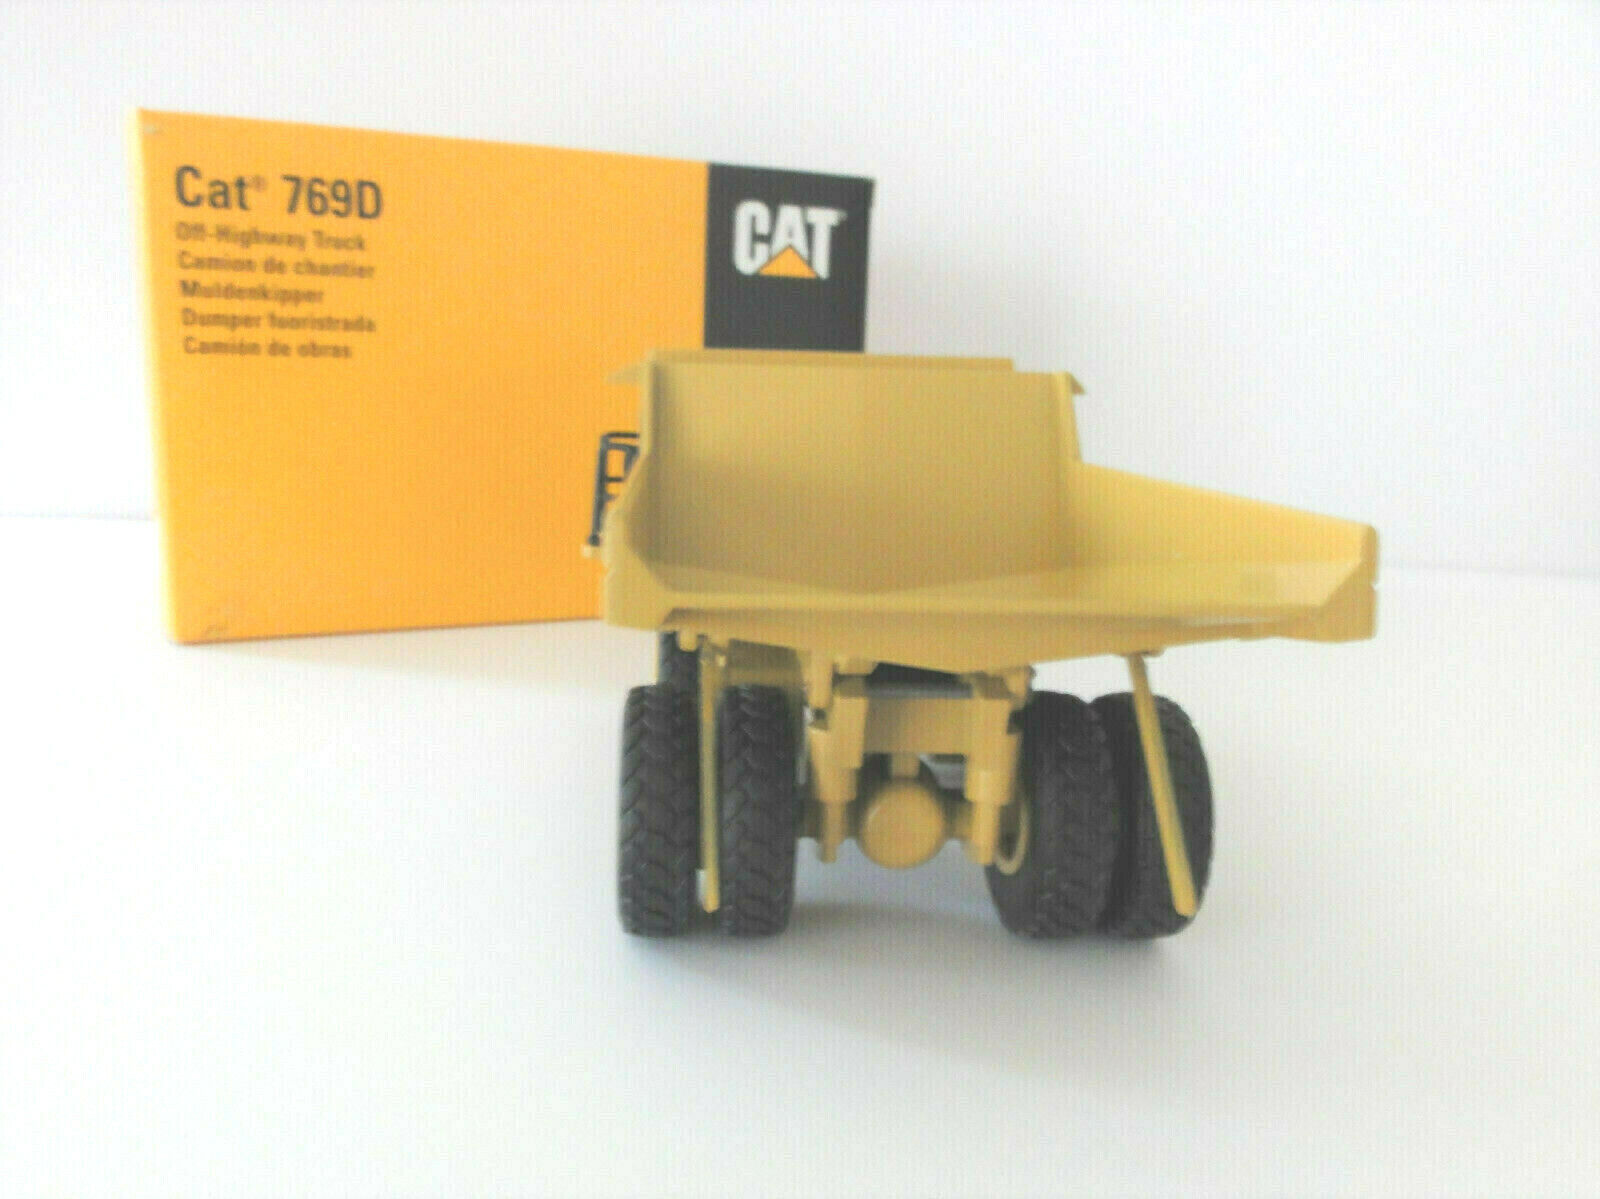 CATERPILLAR NZG 477 CAT 769D OFF HIGHWAY TRUCK 1 50 NEW  - $89.95